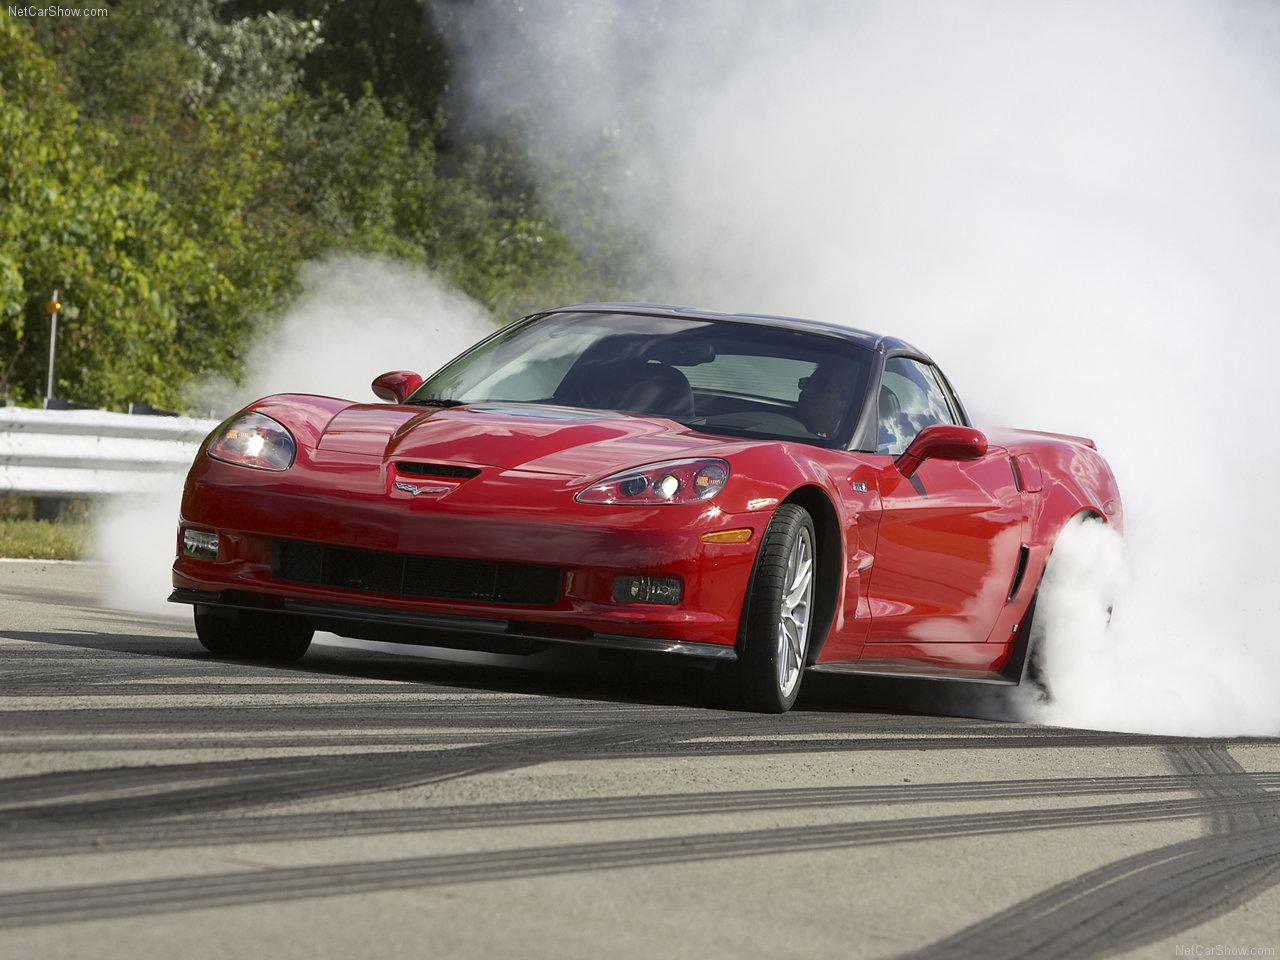 http://4.bp.blogspot.com/-IJIdcGpy46U/TW9tyKiGSRI/AAAAAAAALmo/w4j7dlh3Akg/s1600/Chevrolet-Corvette_ZR1_2009_1280x960_wallpaper_07.jpg